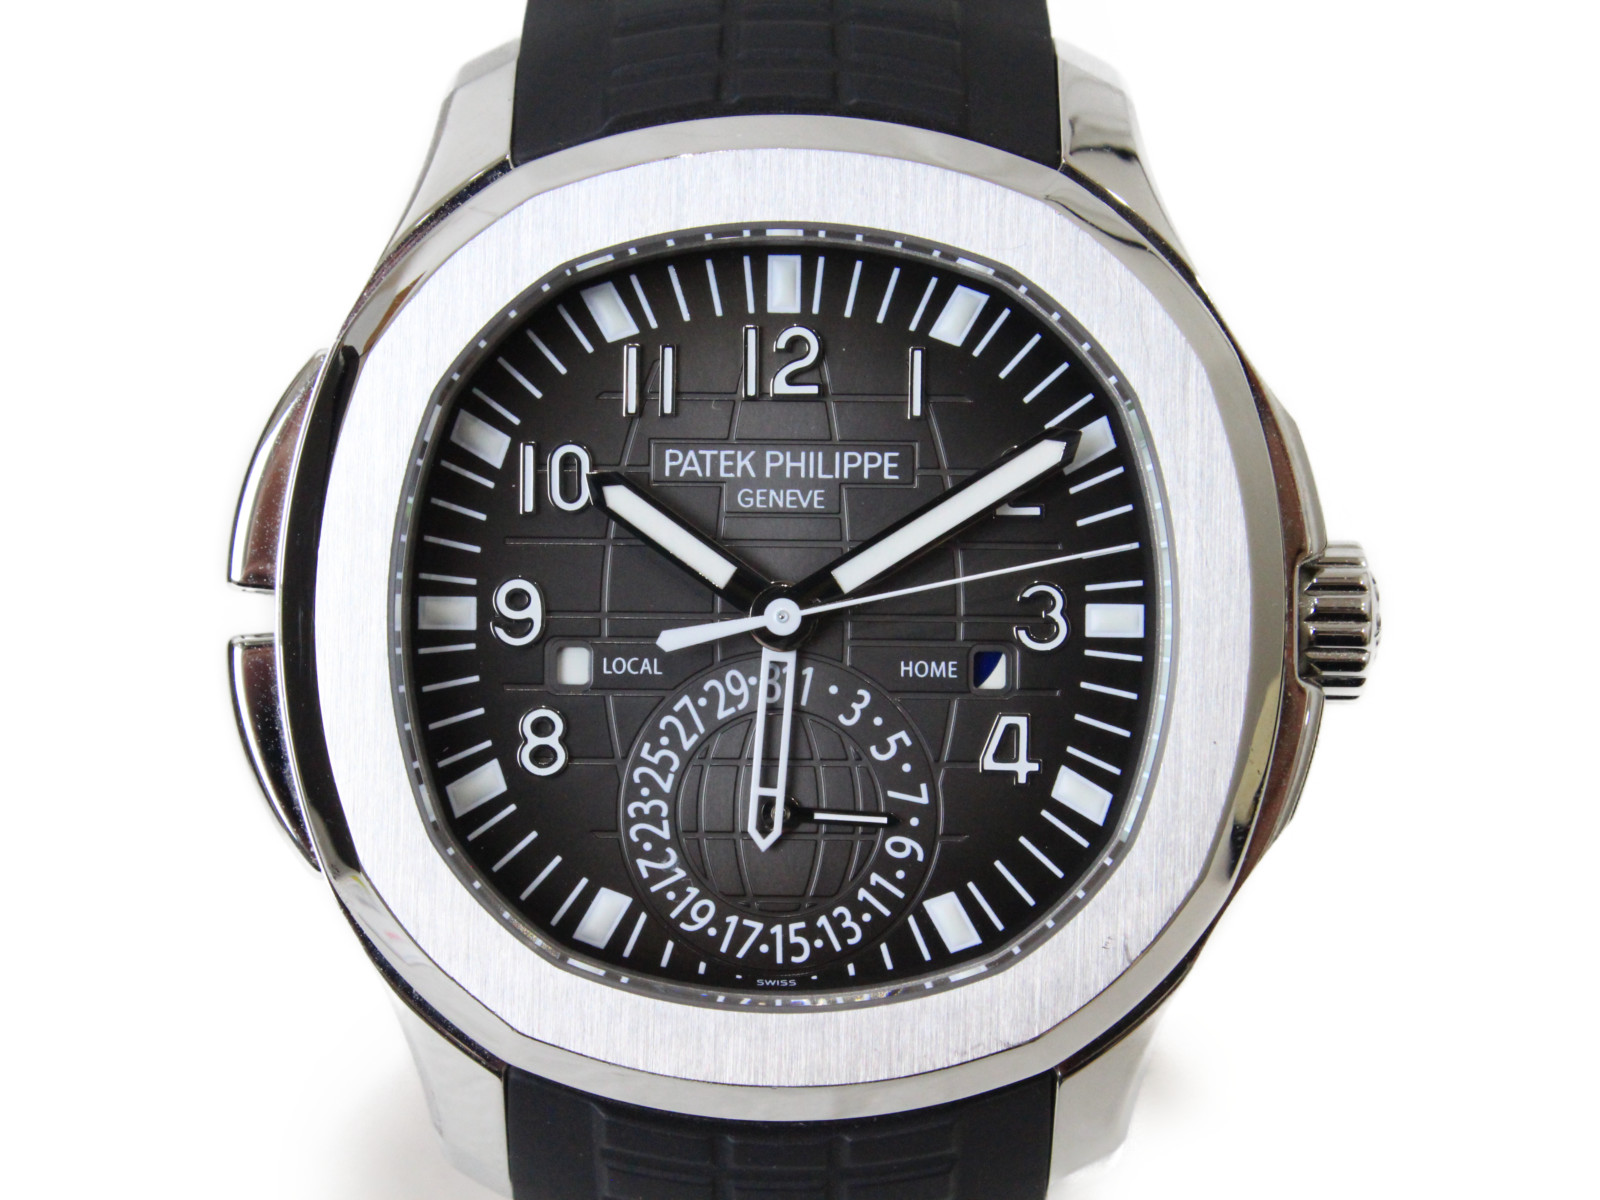 【ギャラ有】PATEK PHILIPPE パテックフィリップ アクアノート トラベルタイム 5164A-001 自動巻き デイト GMT SS ブラック・エンボス ラバー メンズ 腕時計【中古】